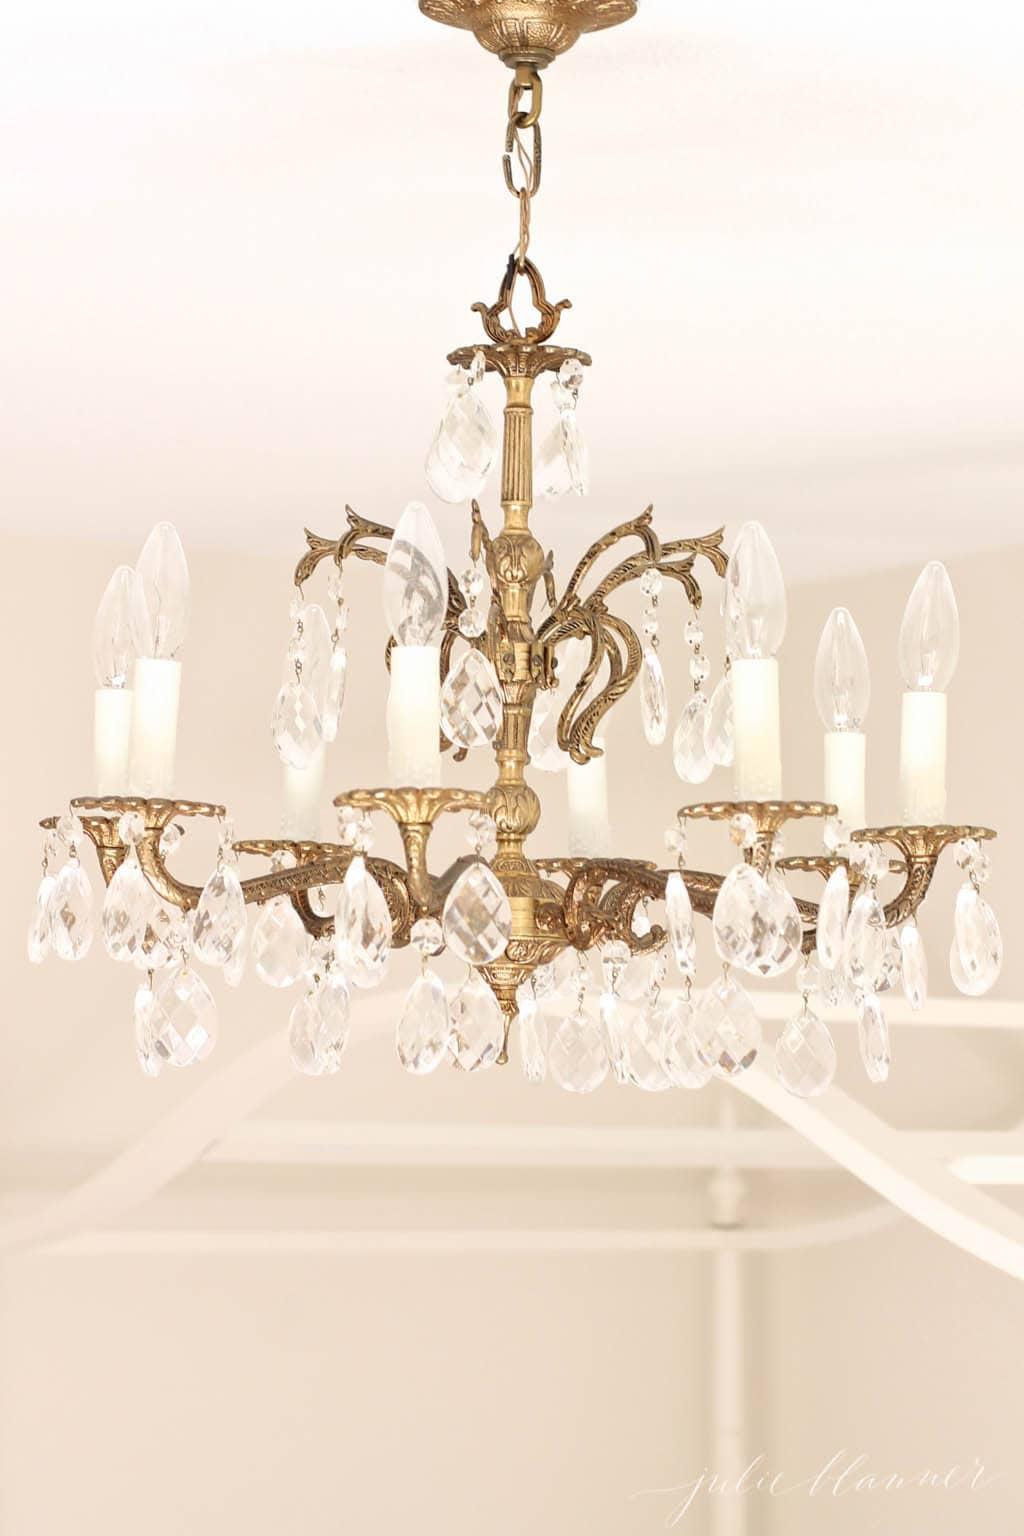 Brass & glass chandelier for little girl's bedroom